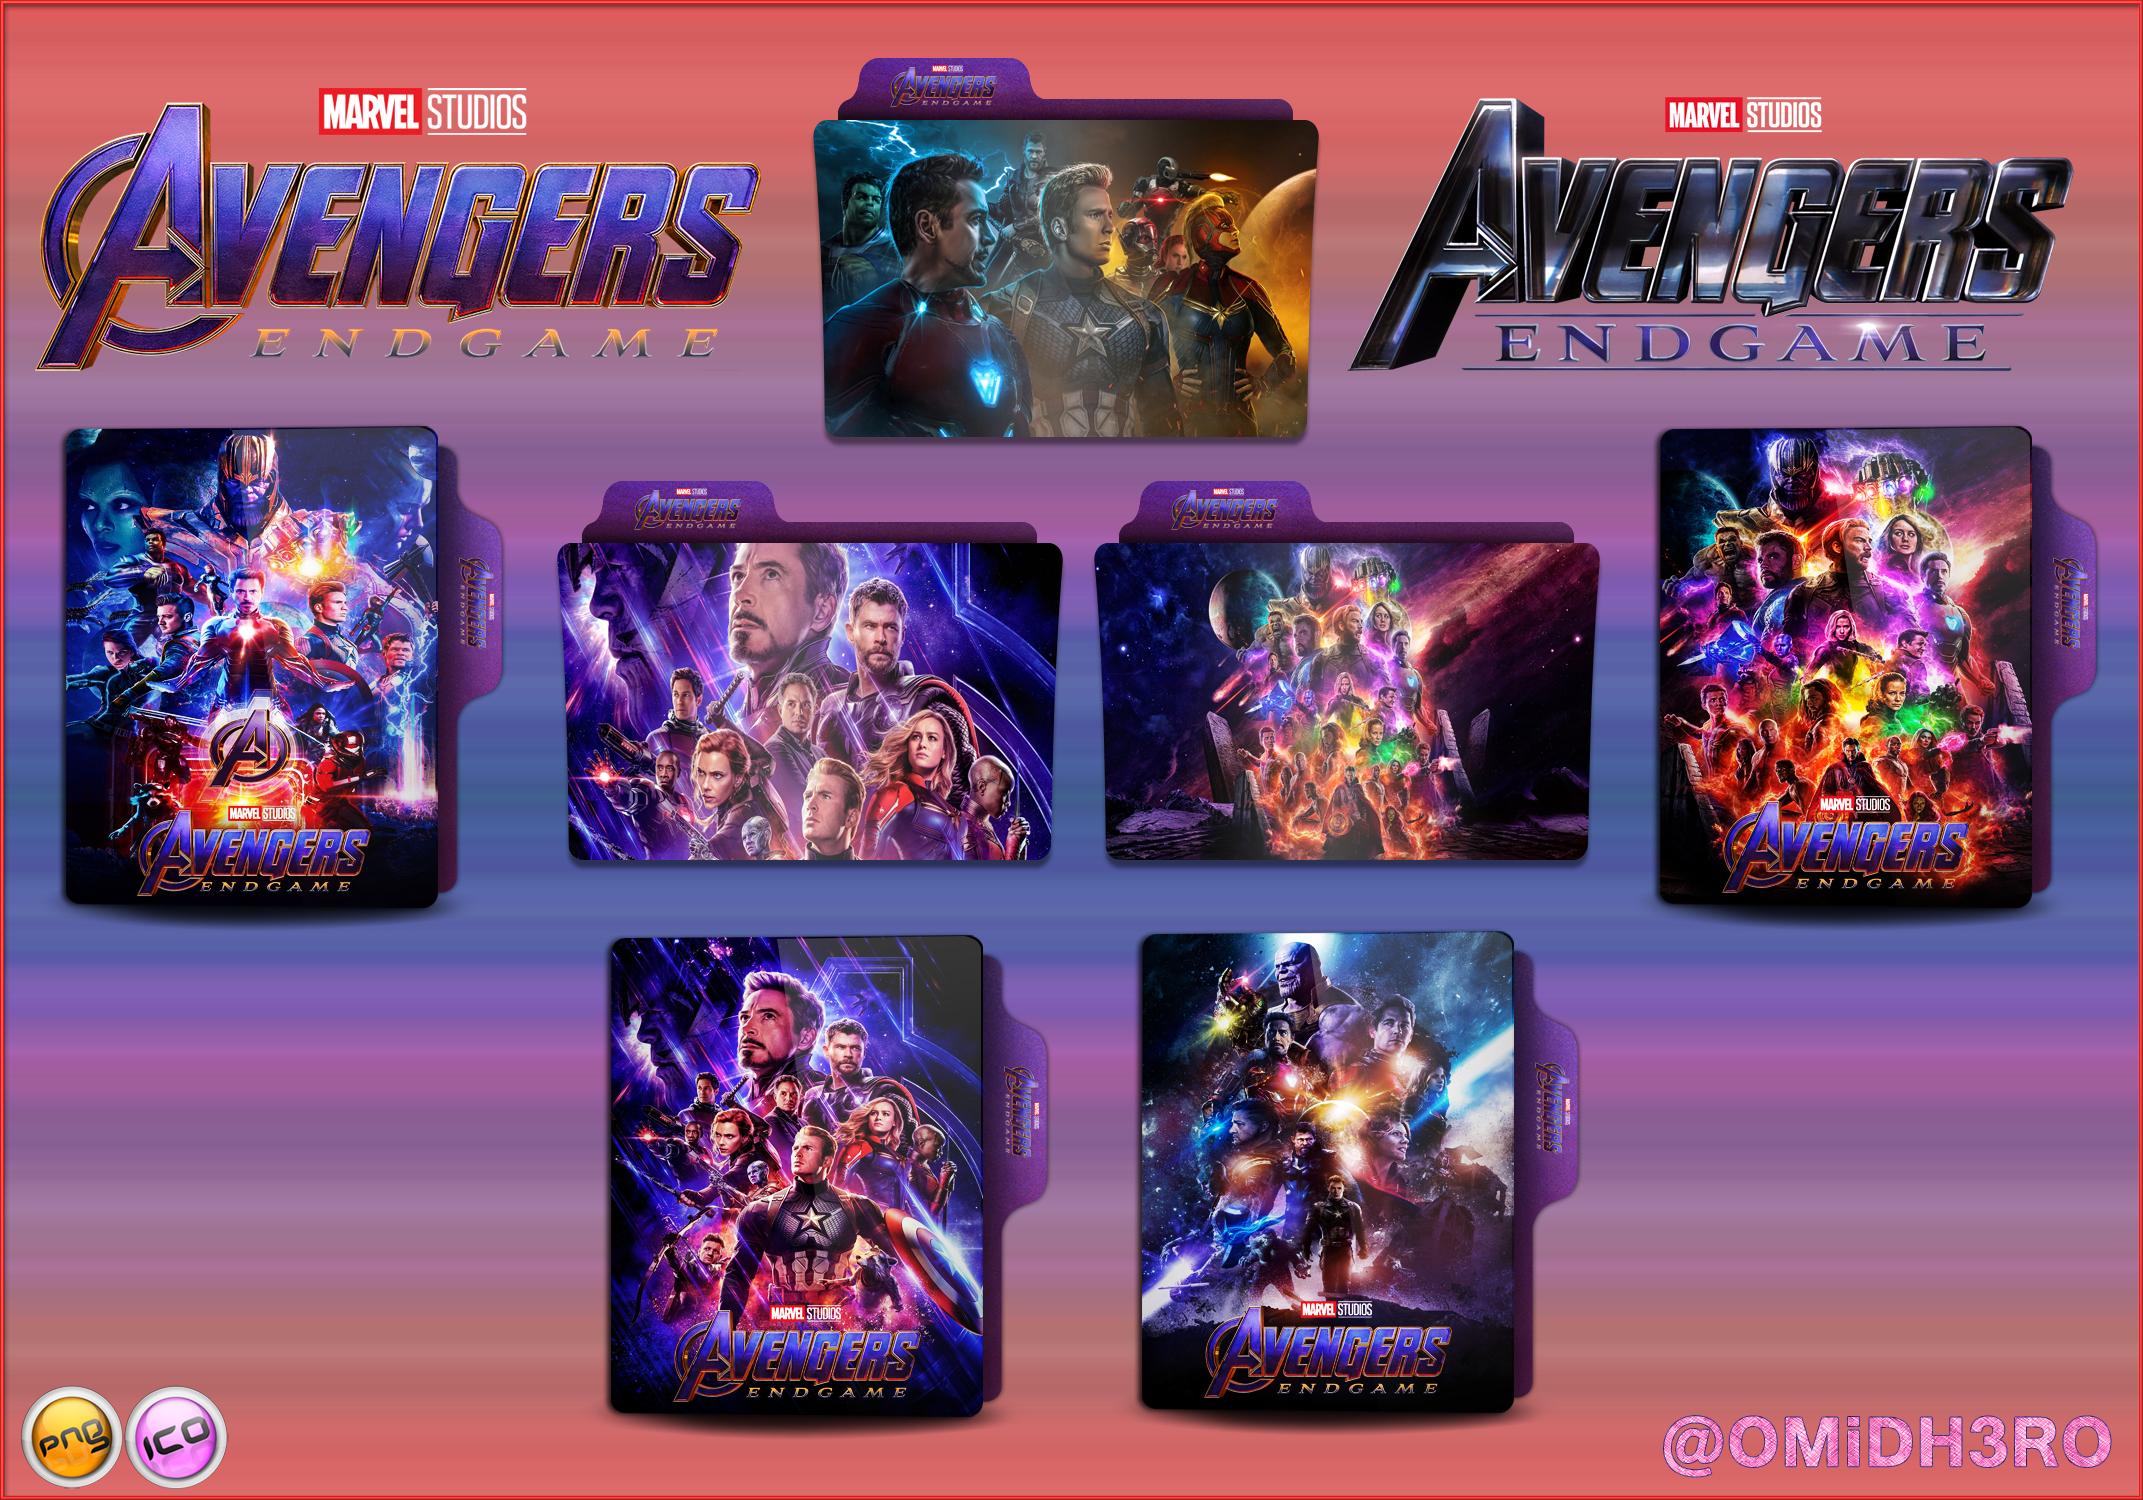 Avengers Endgame 2019 Folder Icon V3 By Omidh3ro On Deviantart